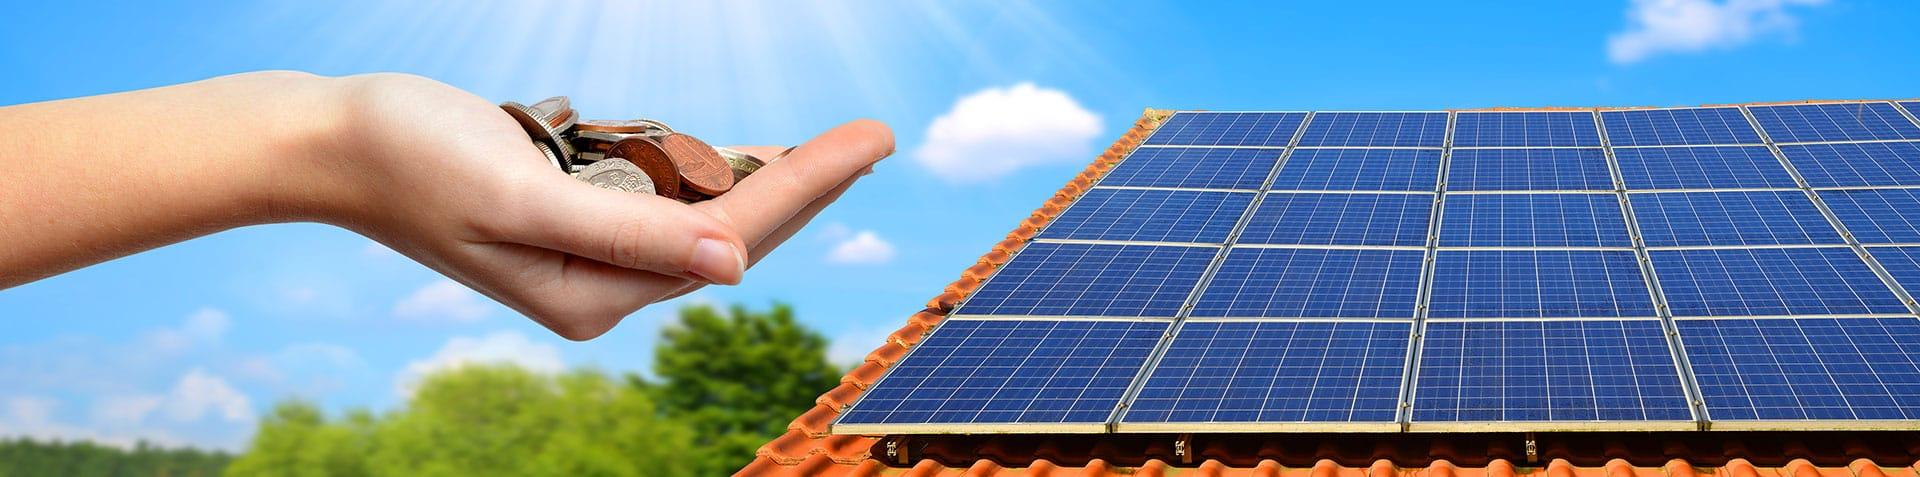 Photovoltaik Direkt Investment - Ihre eigen Solar Anlage von SunShine Energy